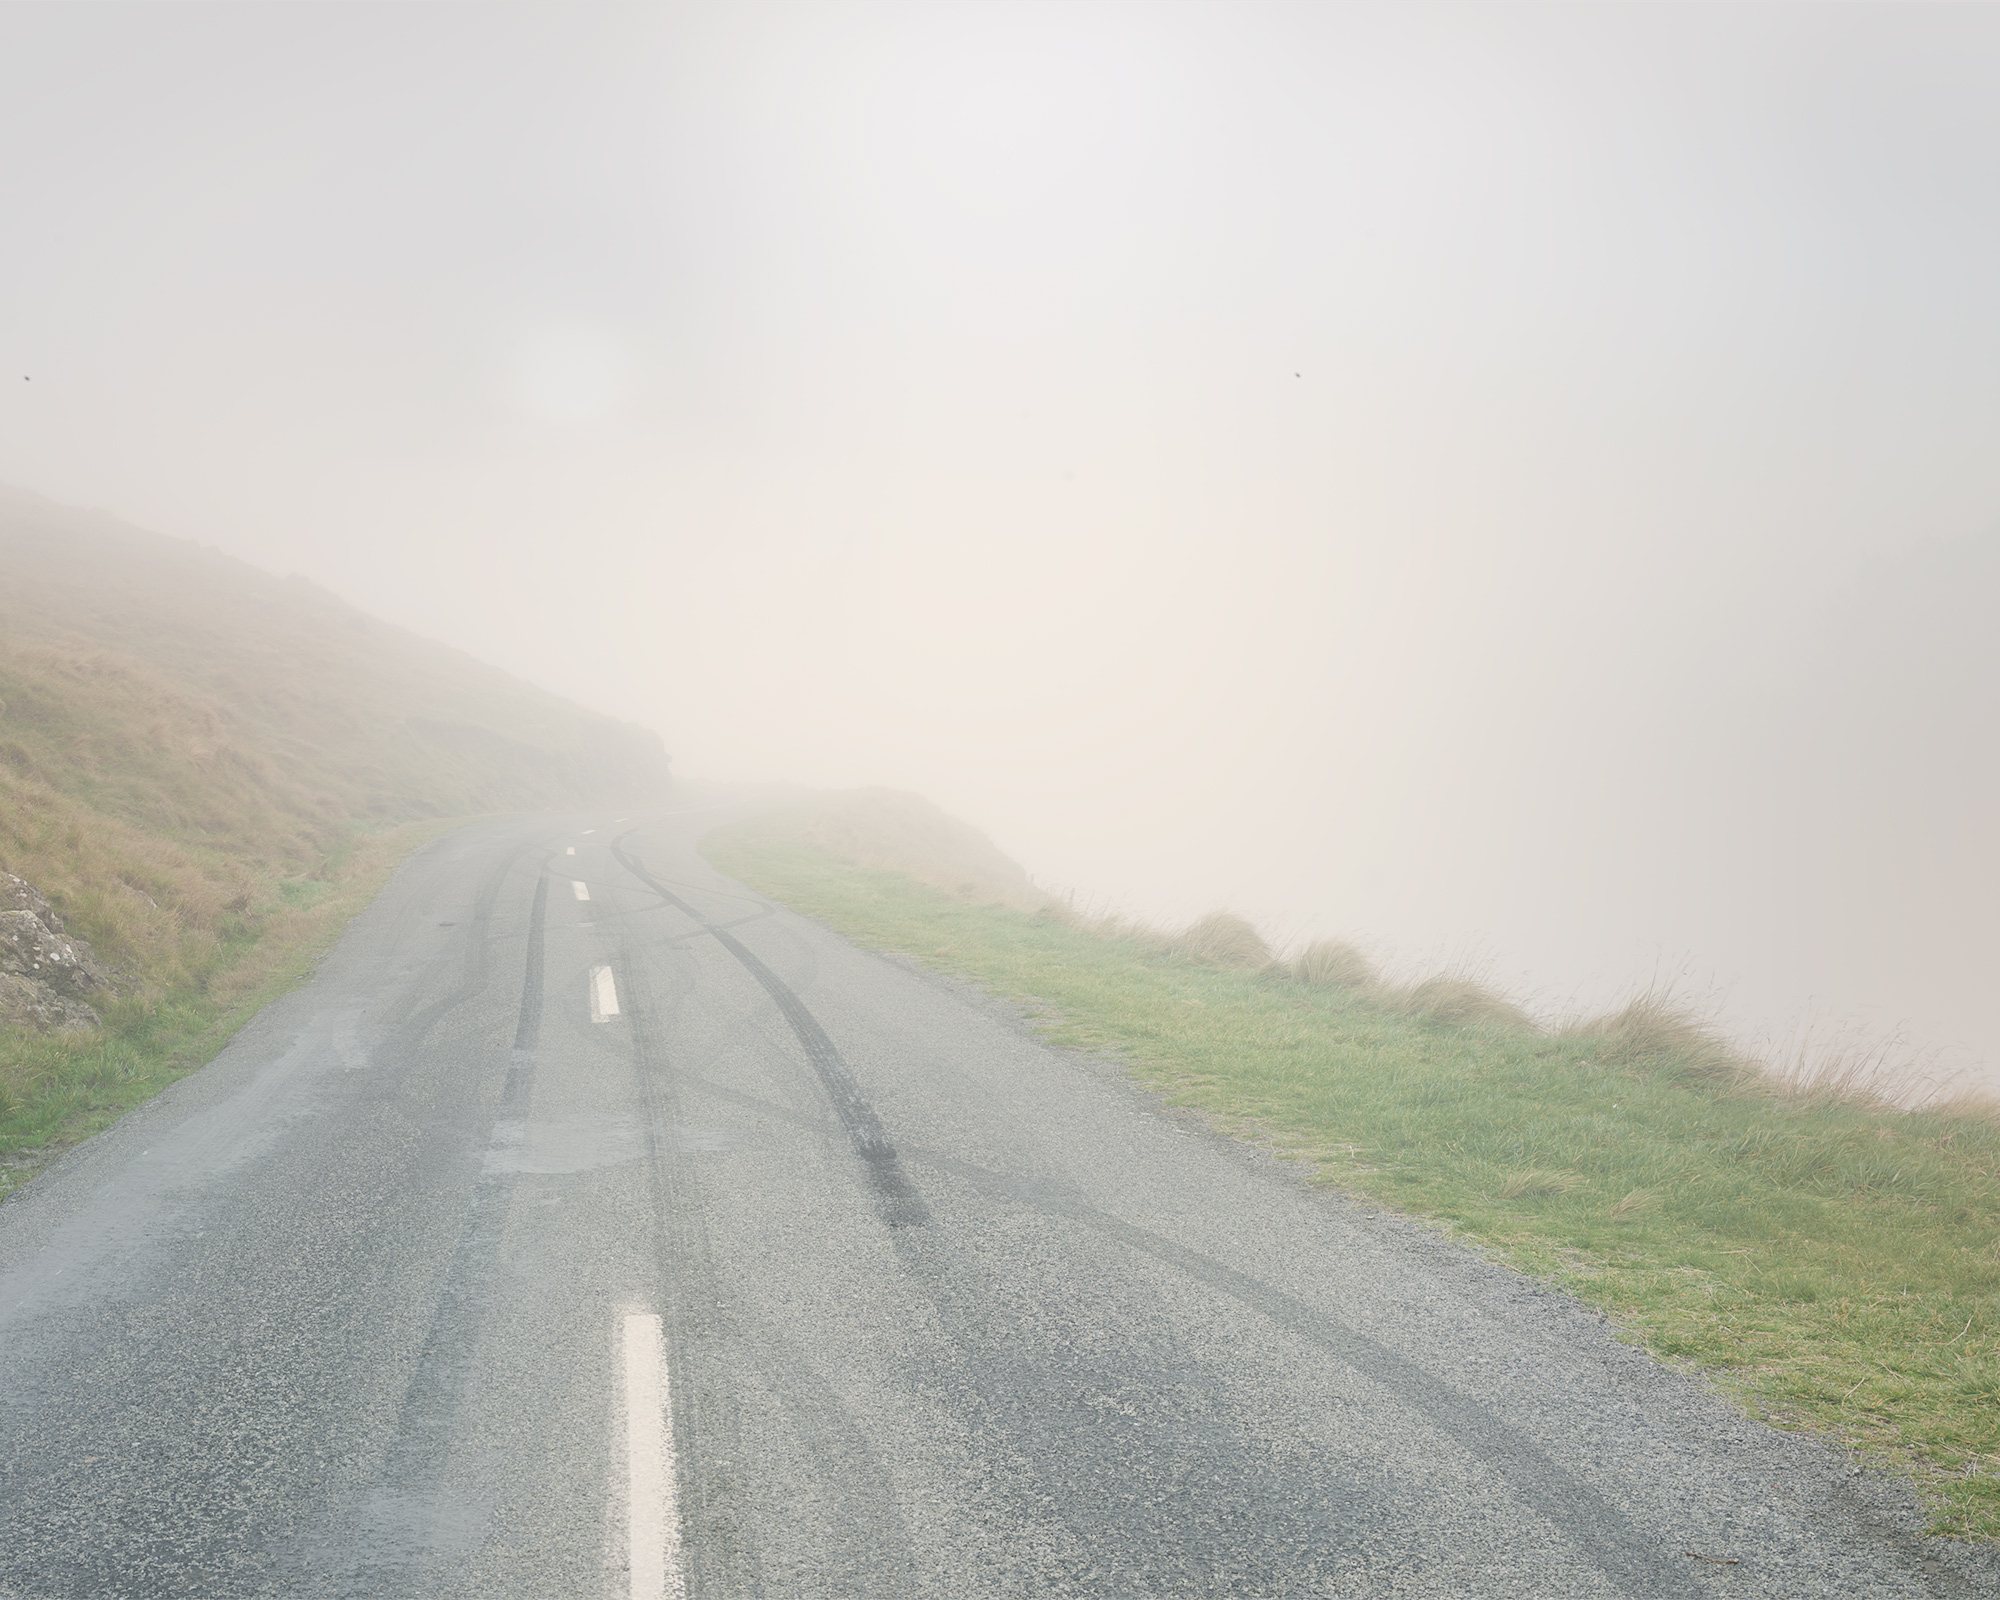 160619_PORTHILLS_road-fog_Master.jpg